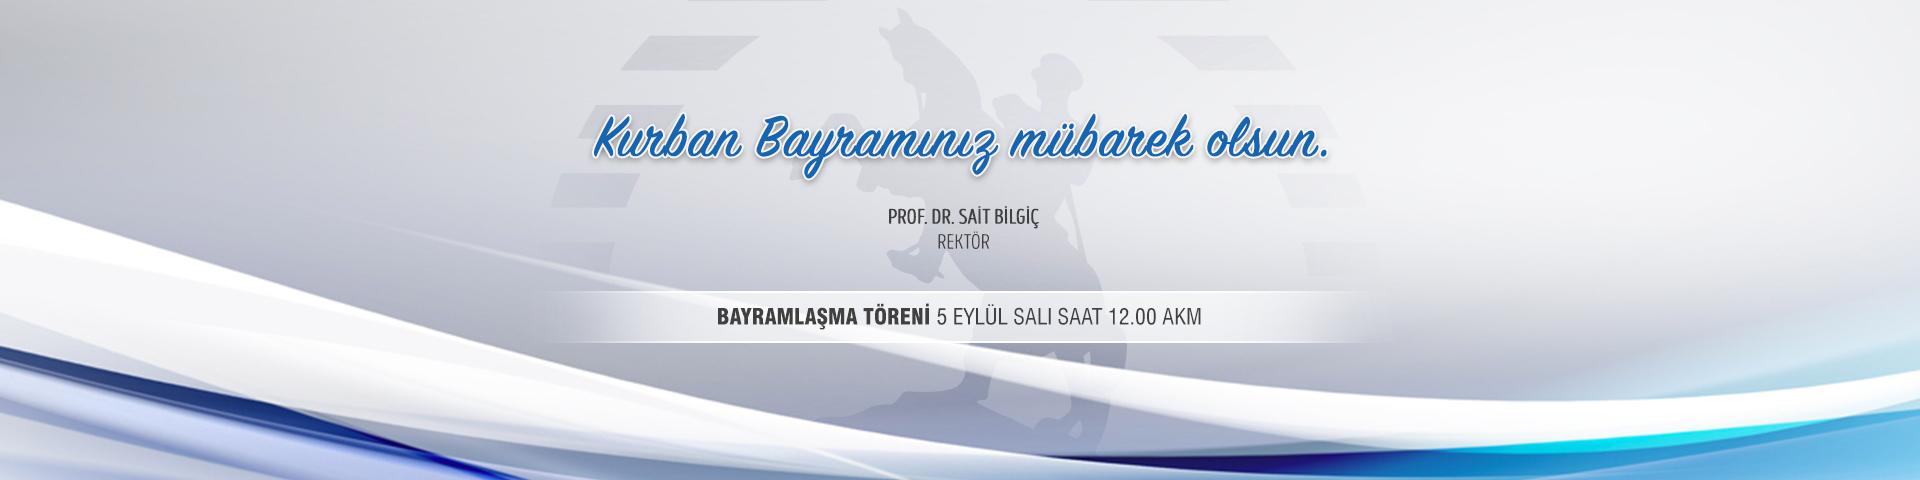 http://www.omu.edu.tr/sites/default/files/files/bayramlasma_toreni-5_eylul_sali_12.00/kurbanslider2017.jpg